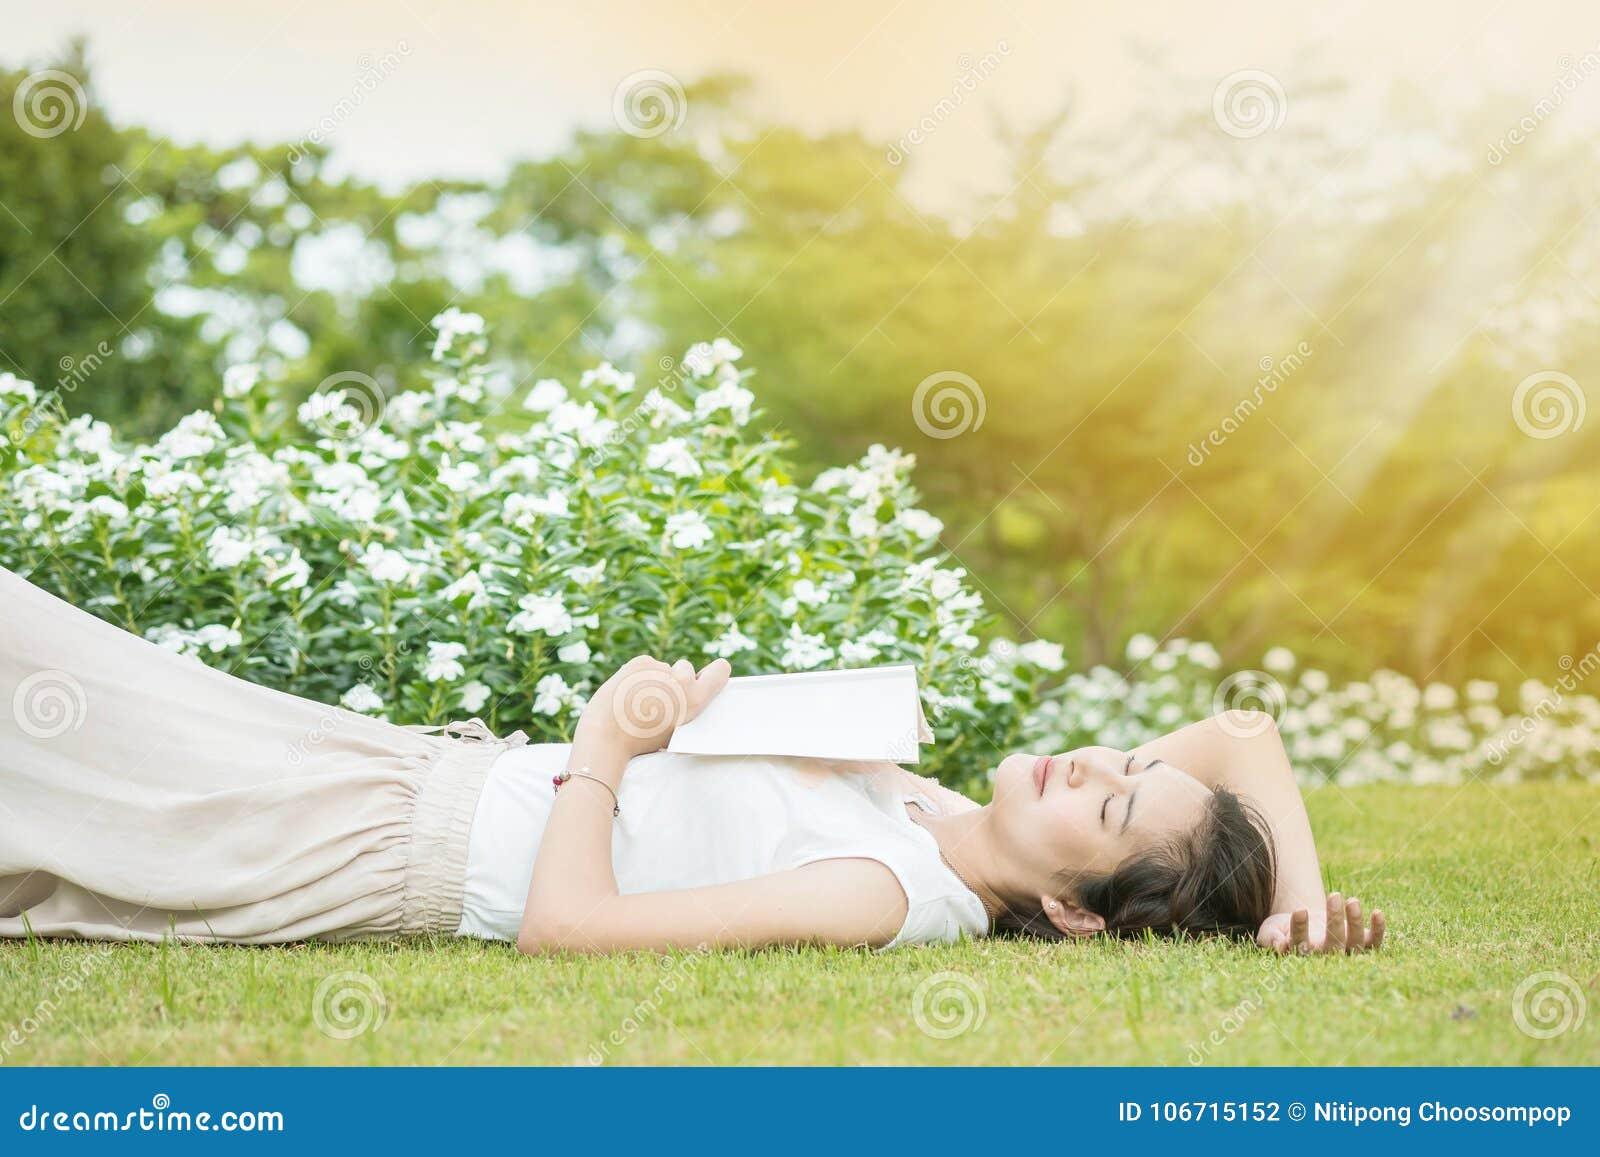 Campo de grama de encontro da mulher asiática depois que ela cansado para a leitura um livro na tarde